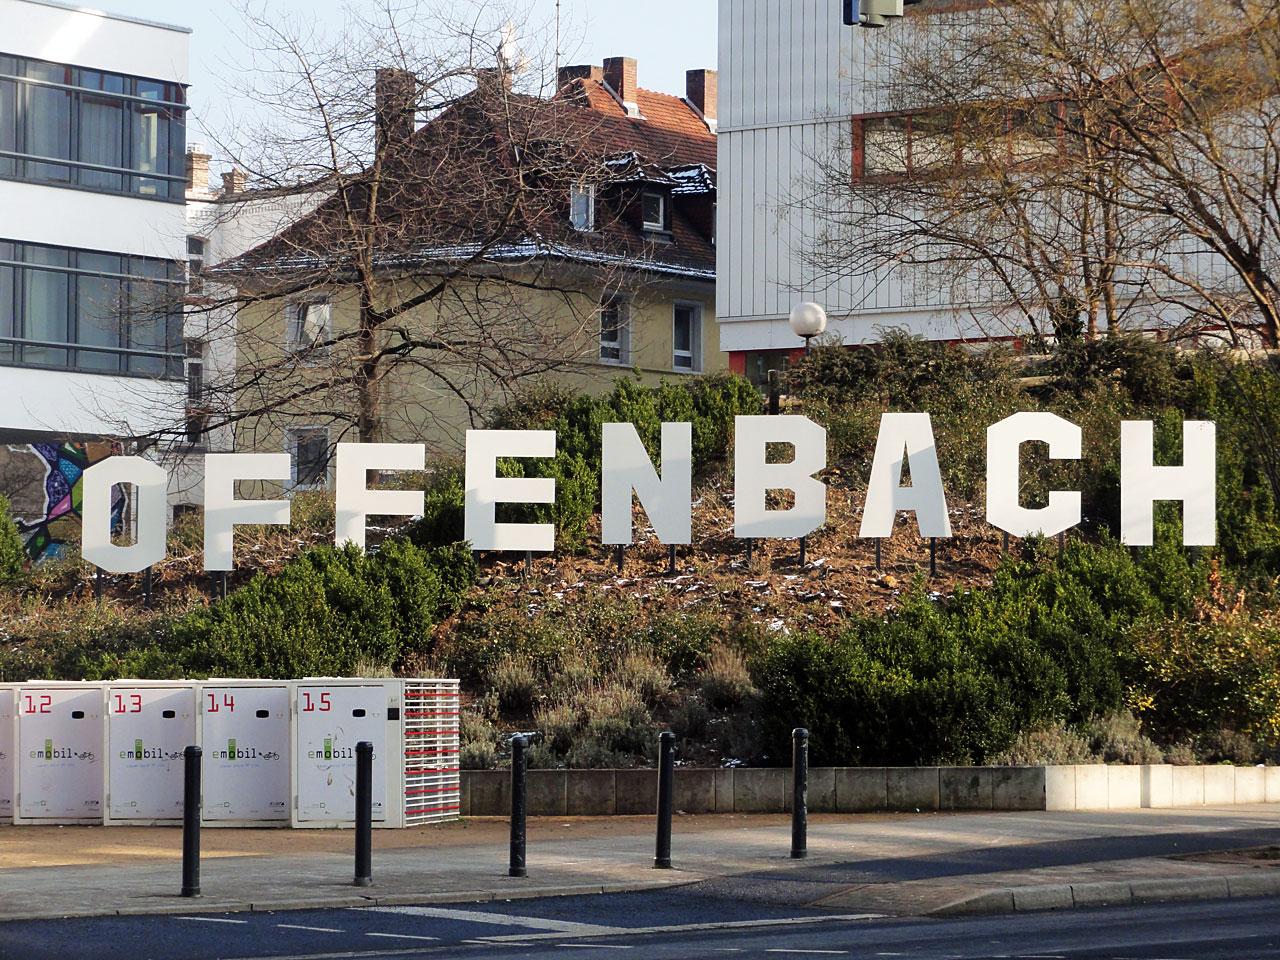 Offenbach Hills Schriftzug im Stile von Hollywood in Offenbach